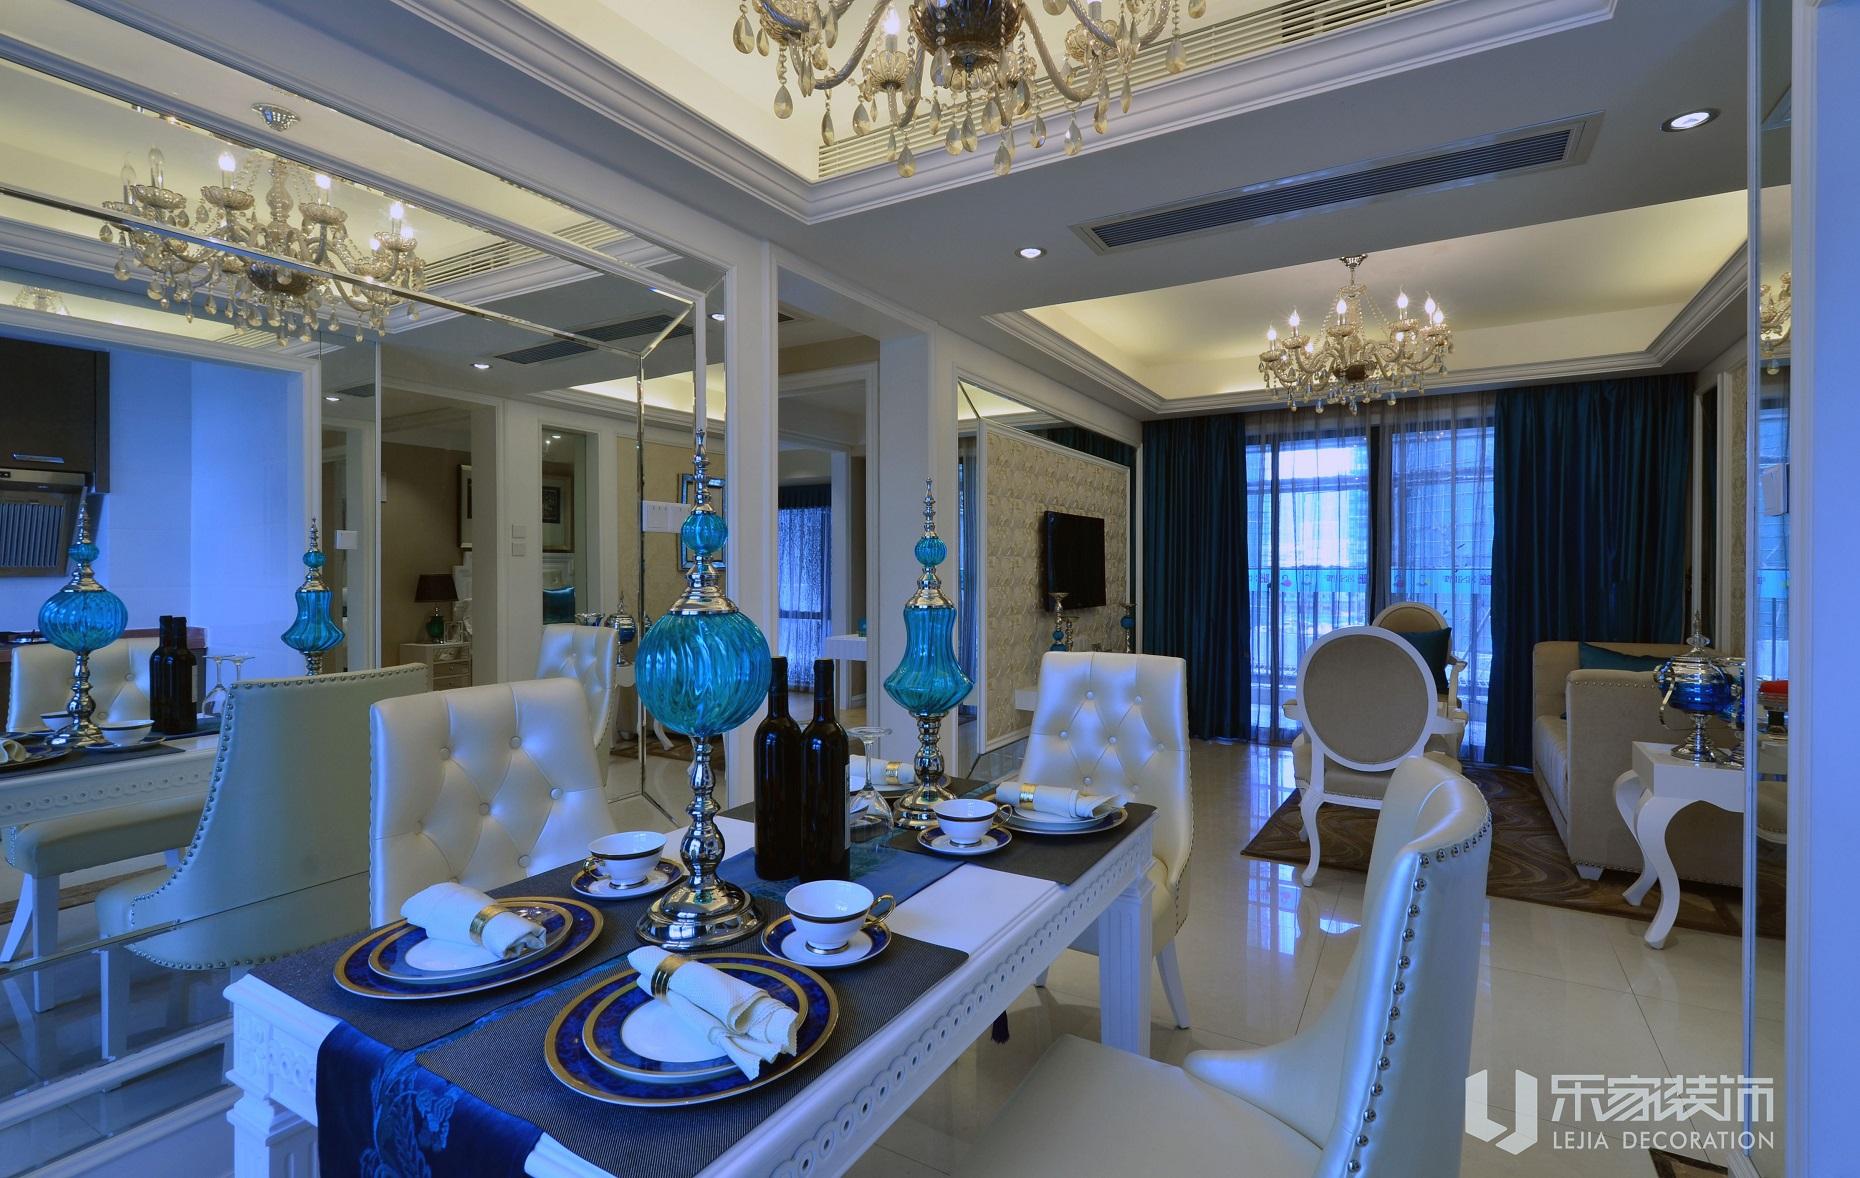 乐家装饰案例:湖蓝色的欧式家居_装修设计_搜狐焦点